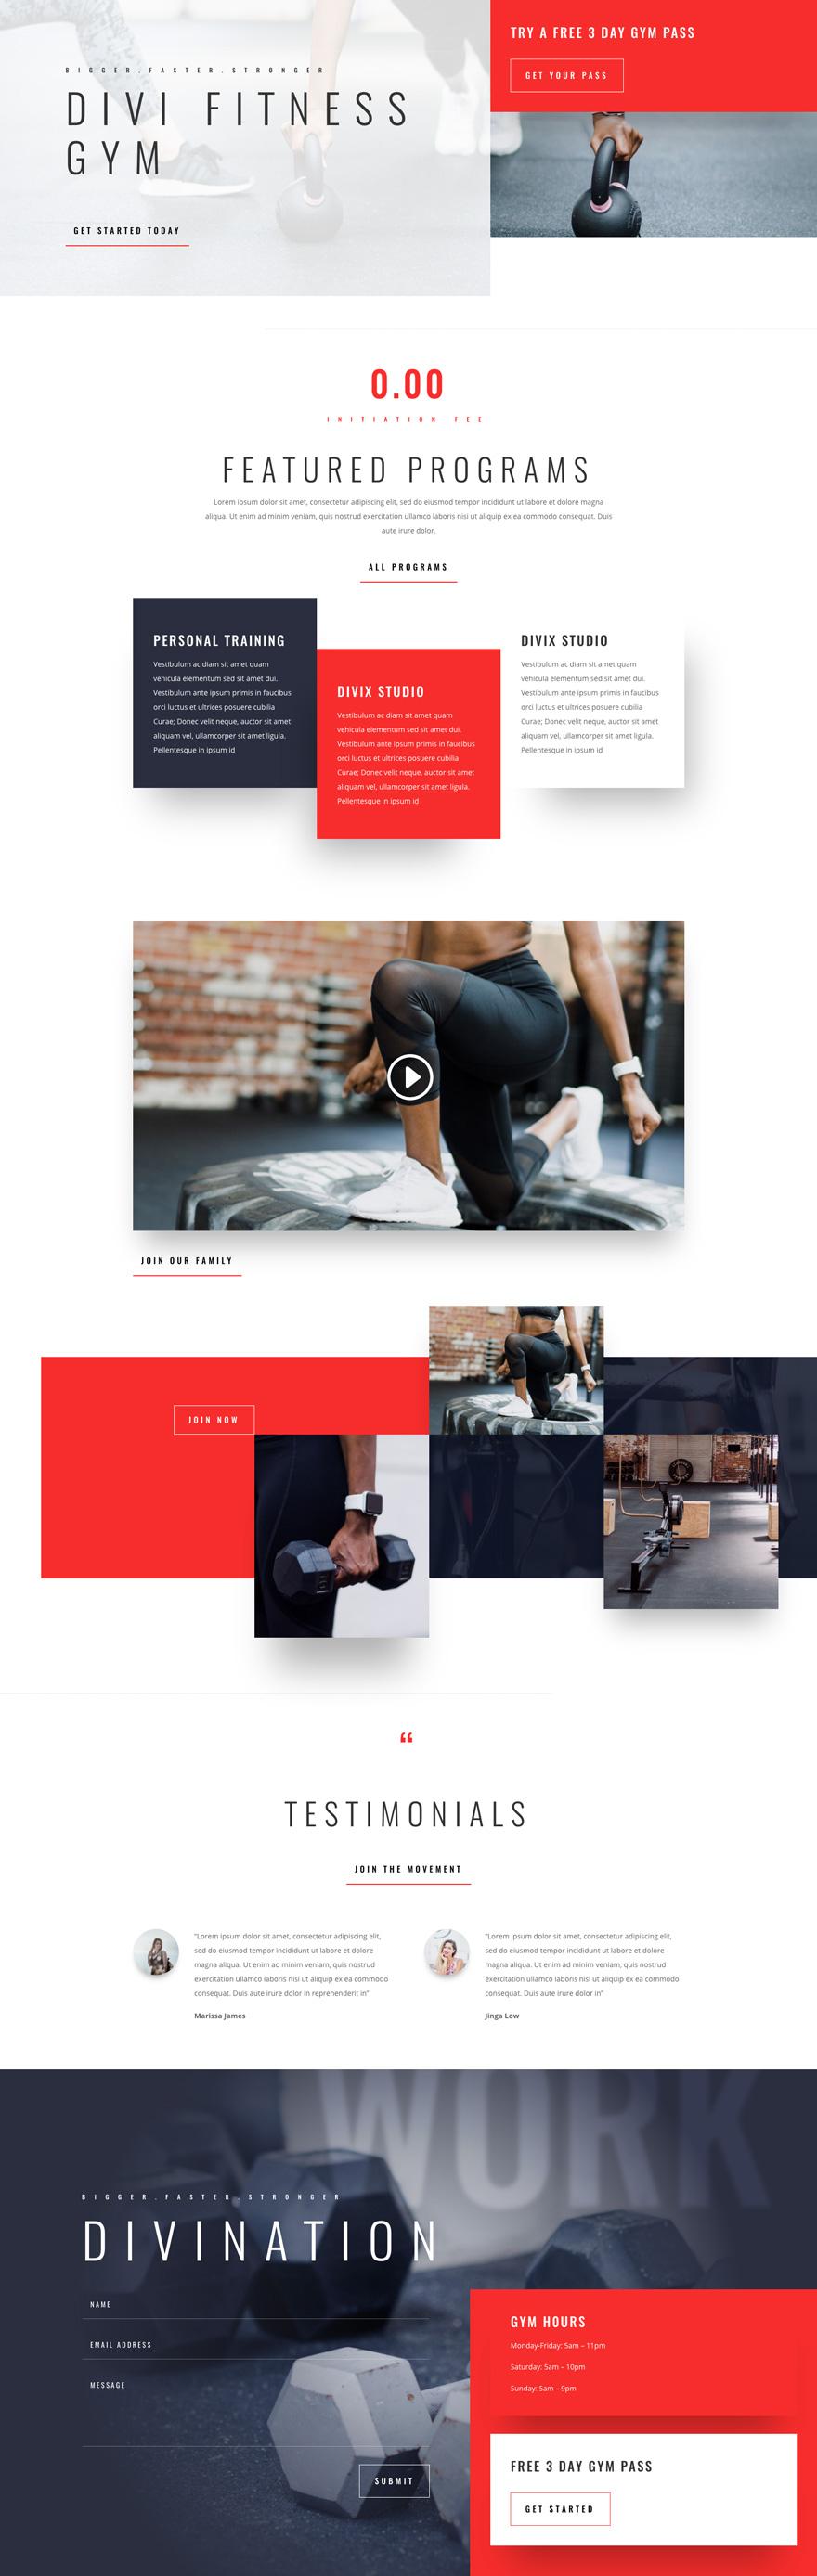 Fitness Gym Pre-made Divi WordPress Website Design